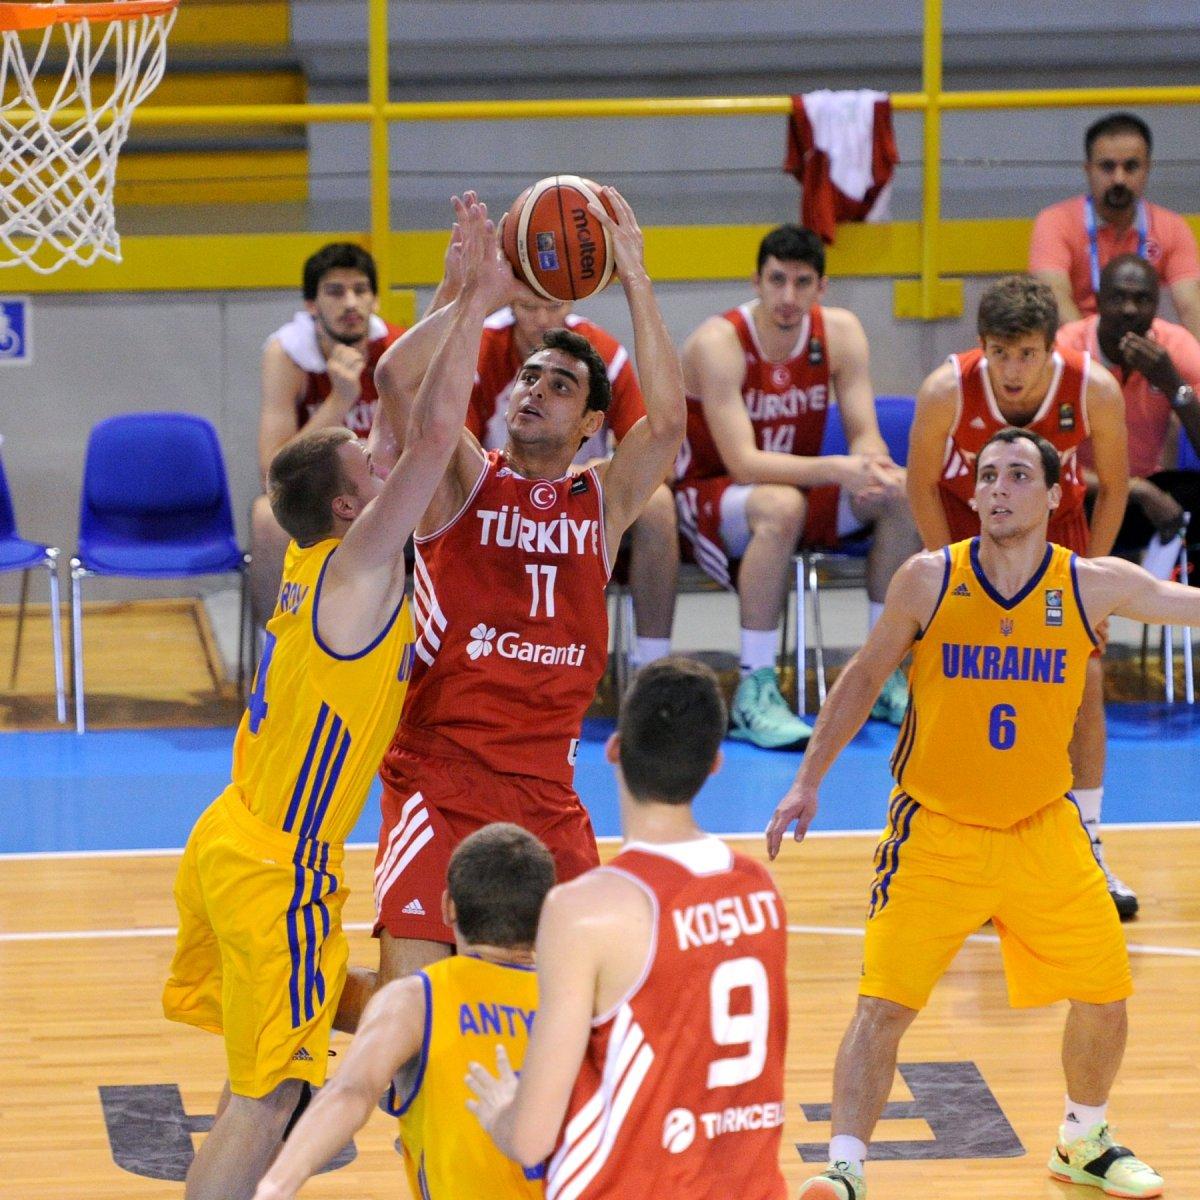 ФБУ объявляет конкурс на должности тренеров молодежных сборных по баскетболу